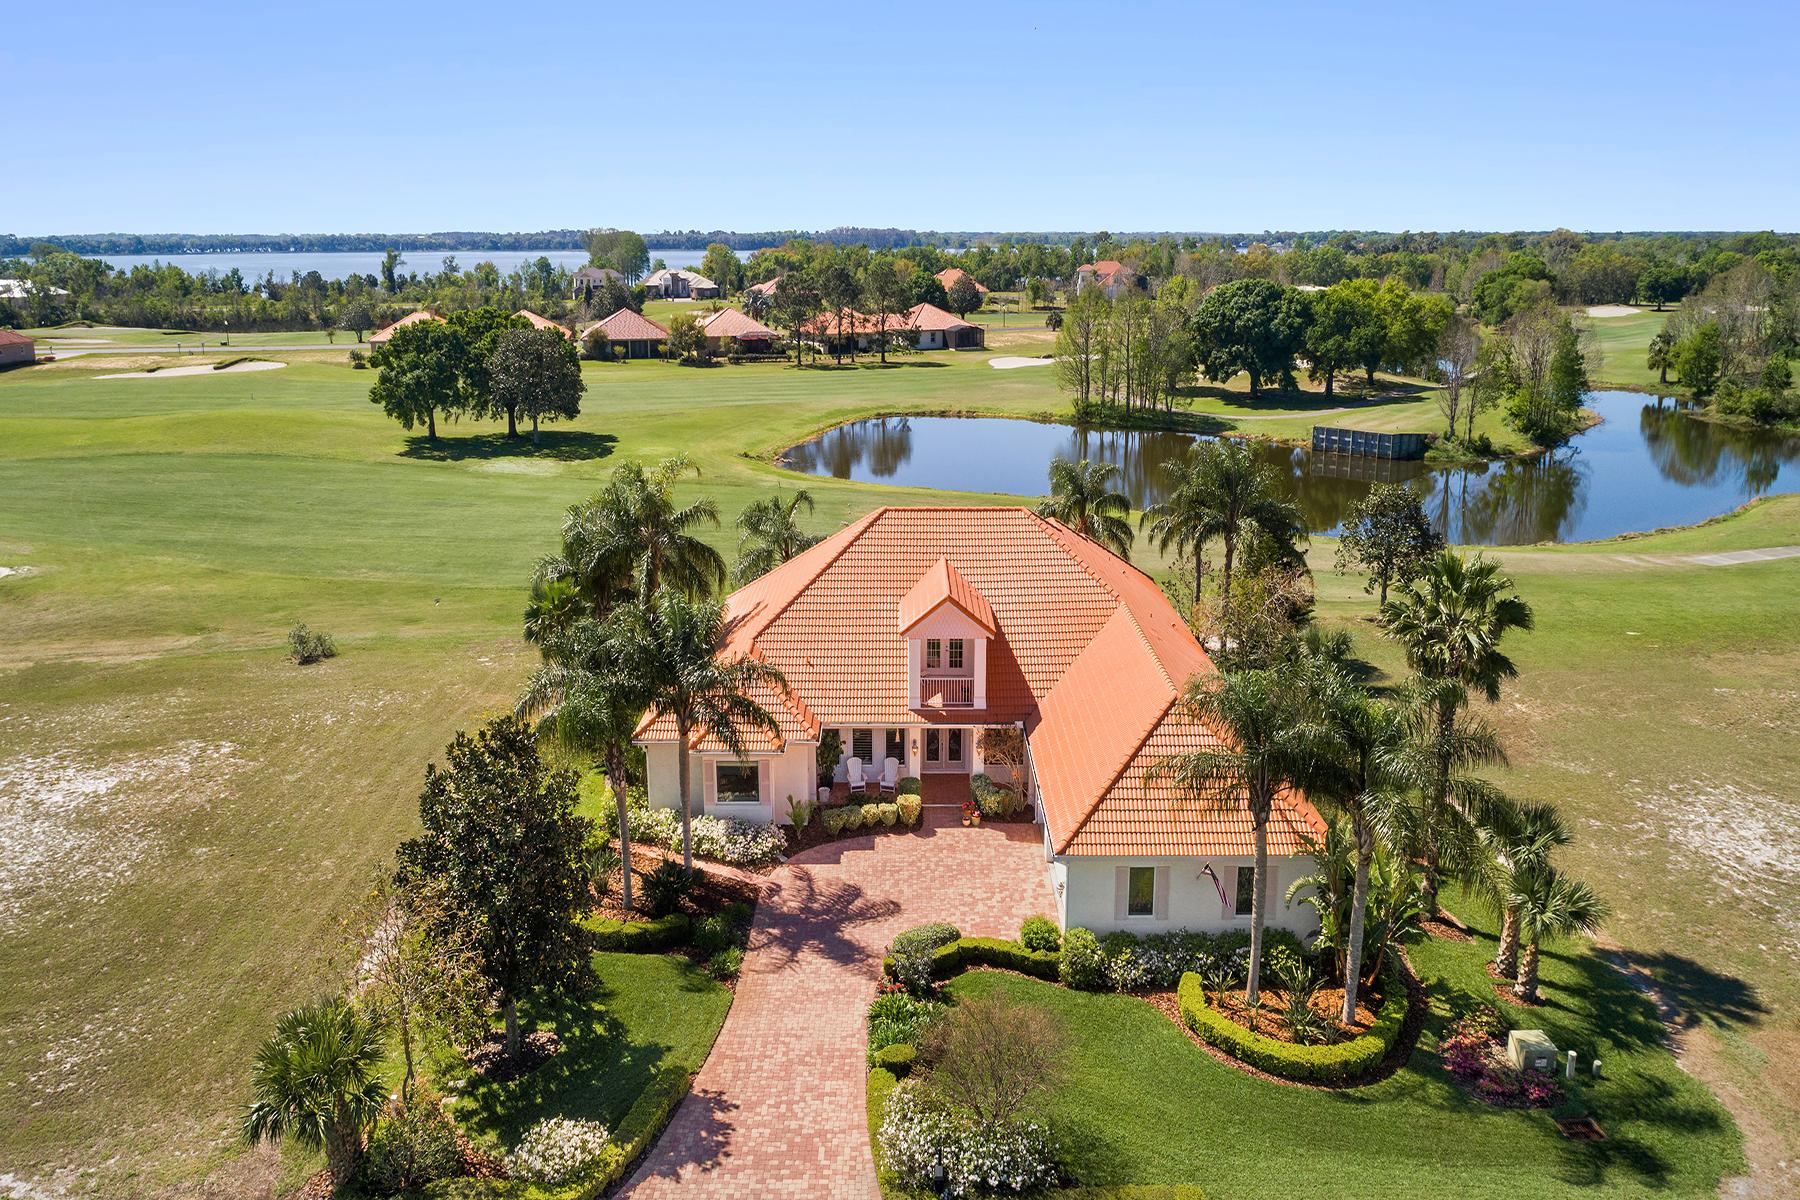 独户住宅 为 销售 在 ORLANDO - TAVARES 17642 Sawgrass, 塔瓦里斯, 佛罗里达州, 32778 美国